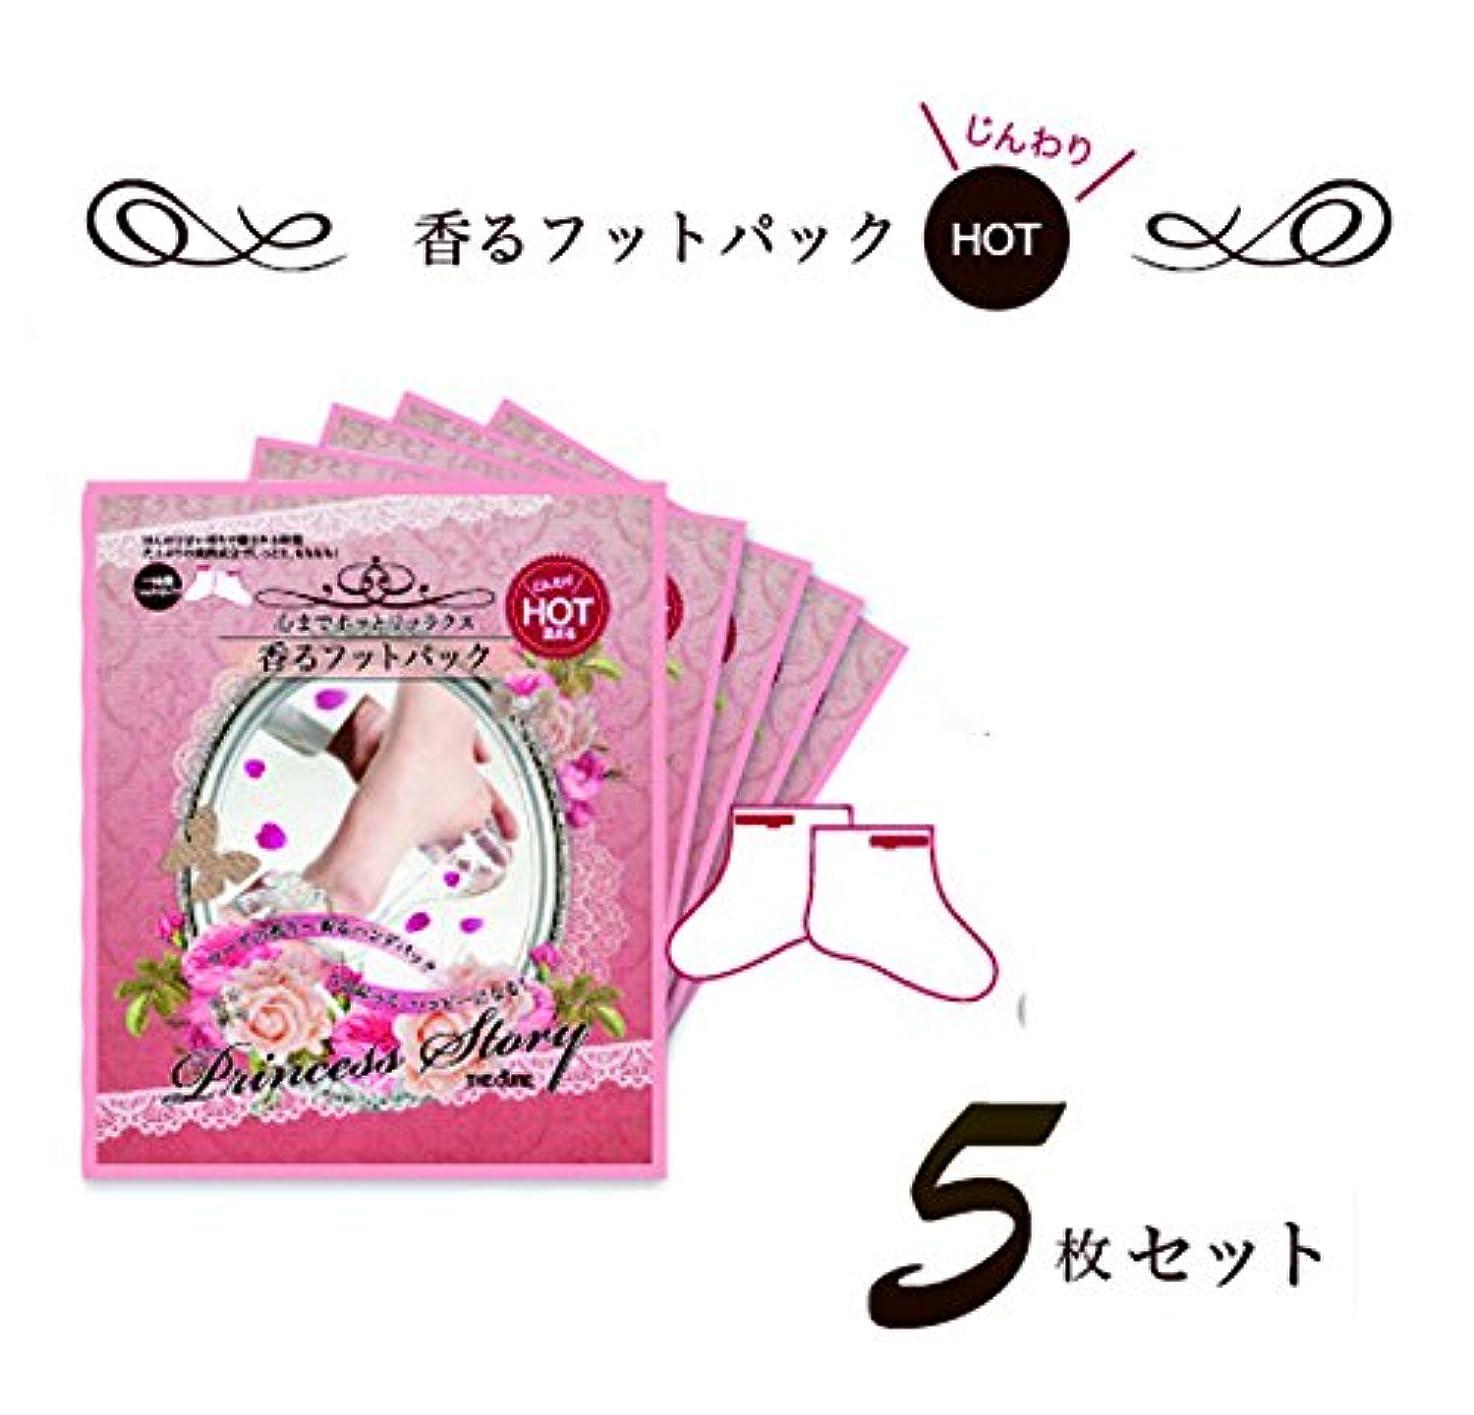 困惑した裸破壊的香るフット パック HOT キュア プリンセス ストーリーTHE CURE 5枚